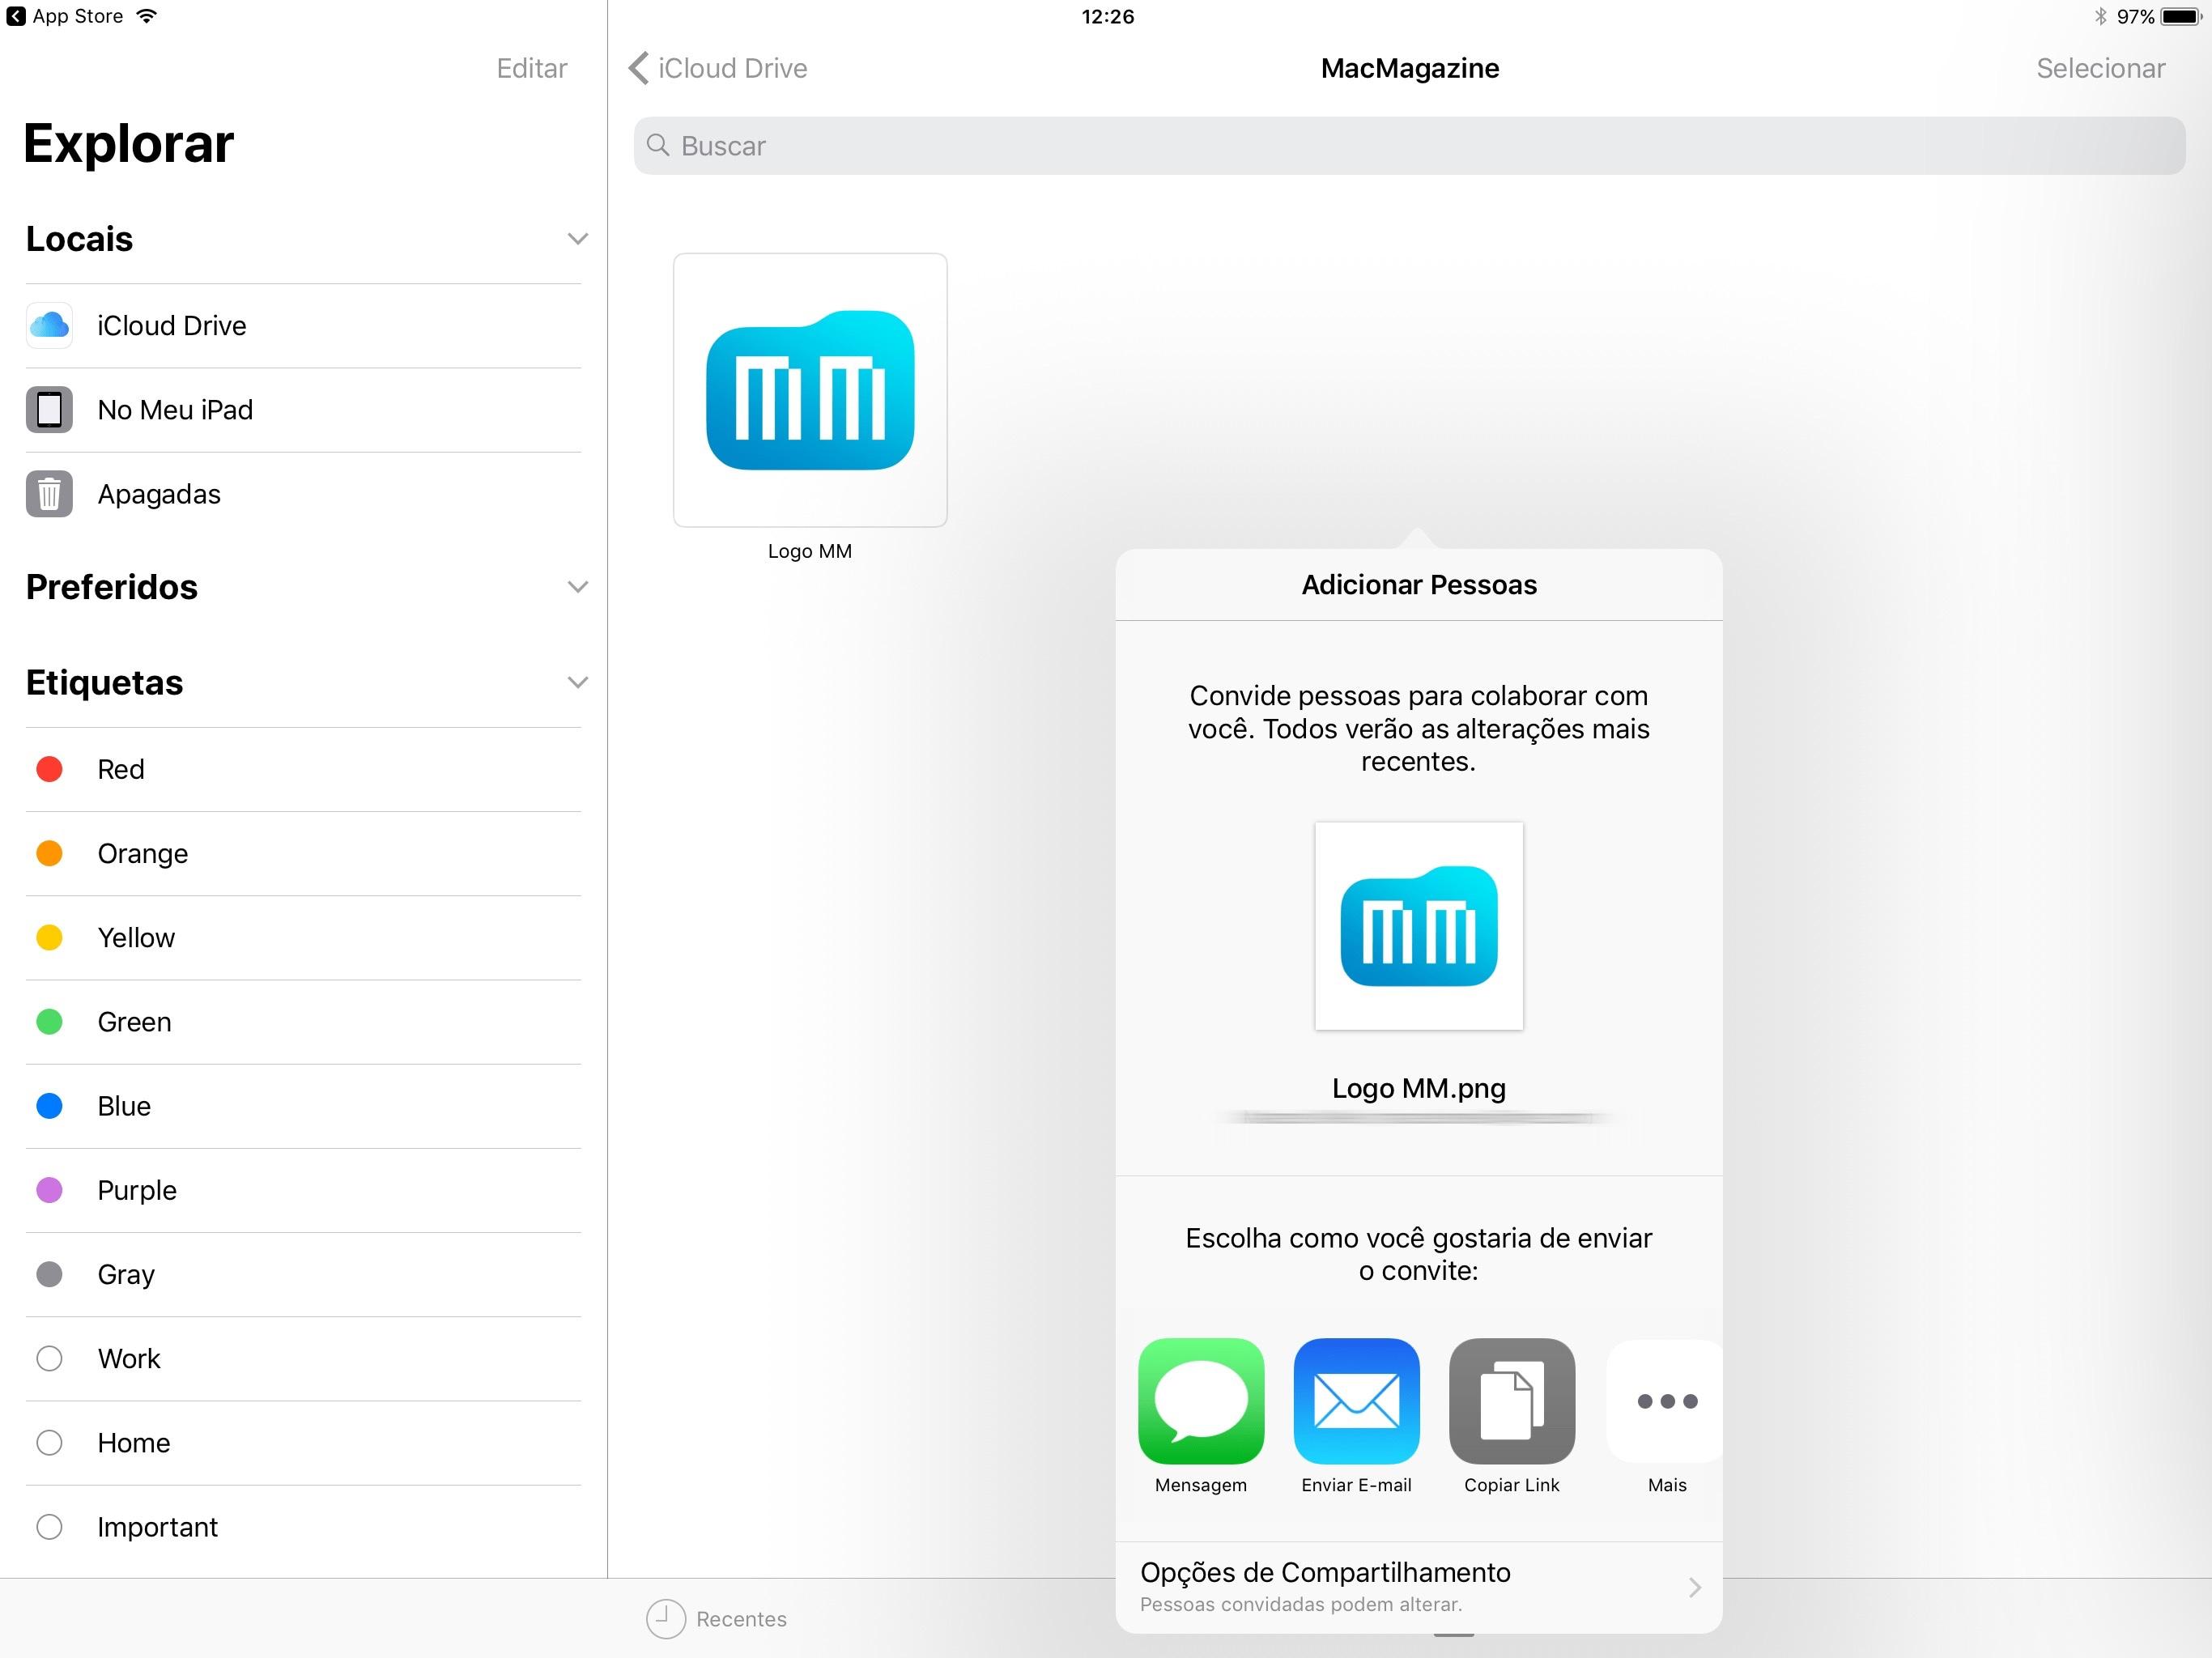 Compartilhando um arquivo no app Arquivos (Files) do iOS